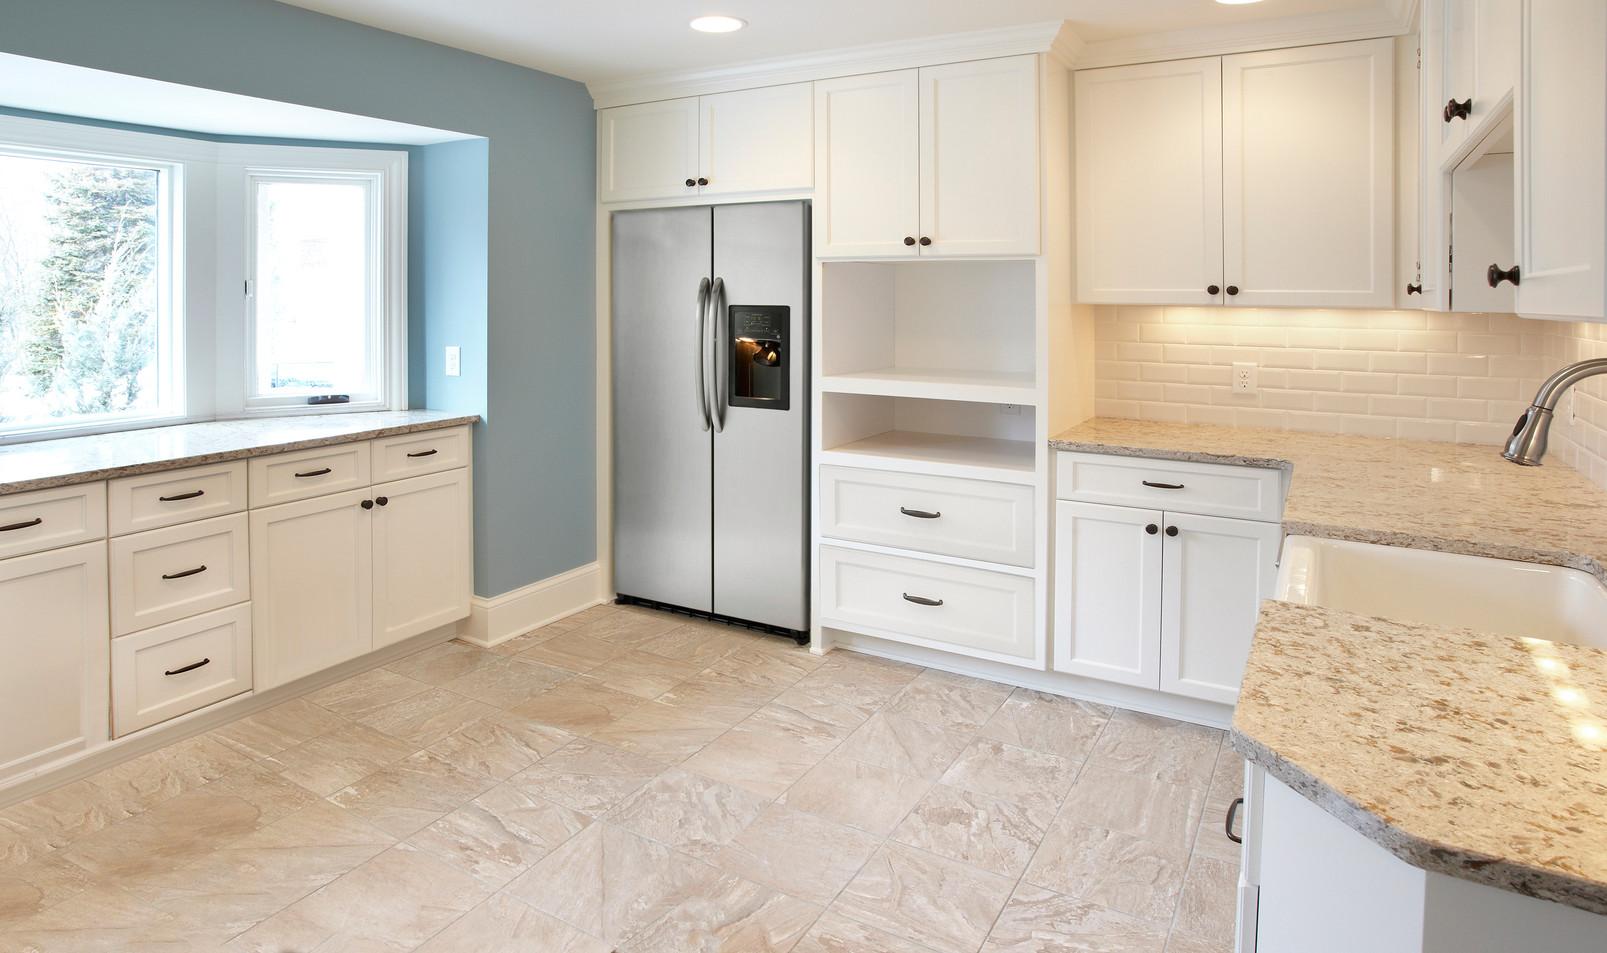 Rt_27280_Kitchen2.jpg